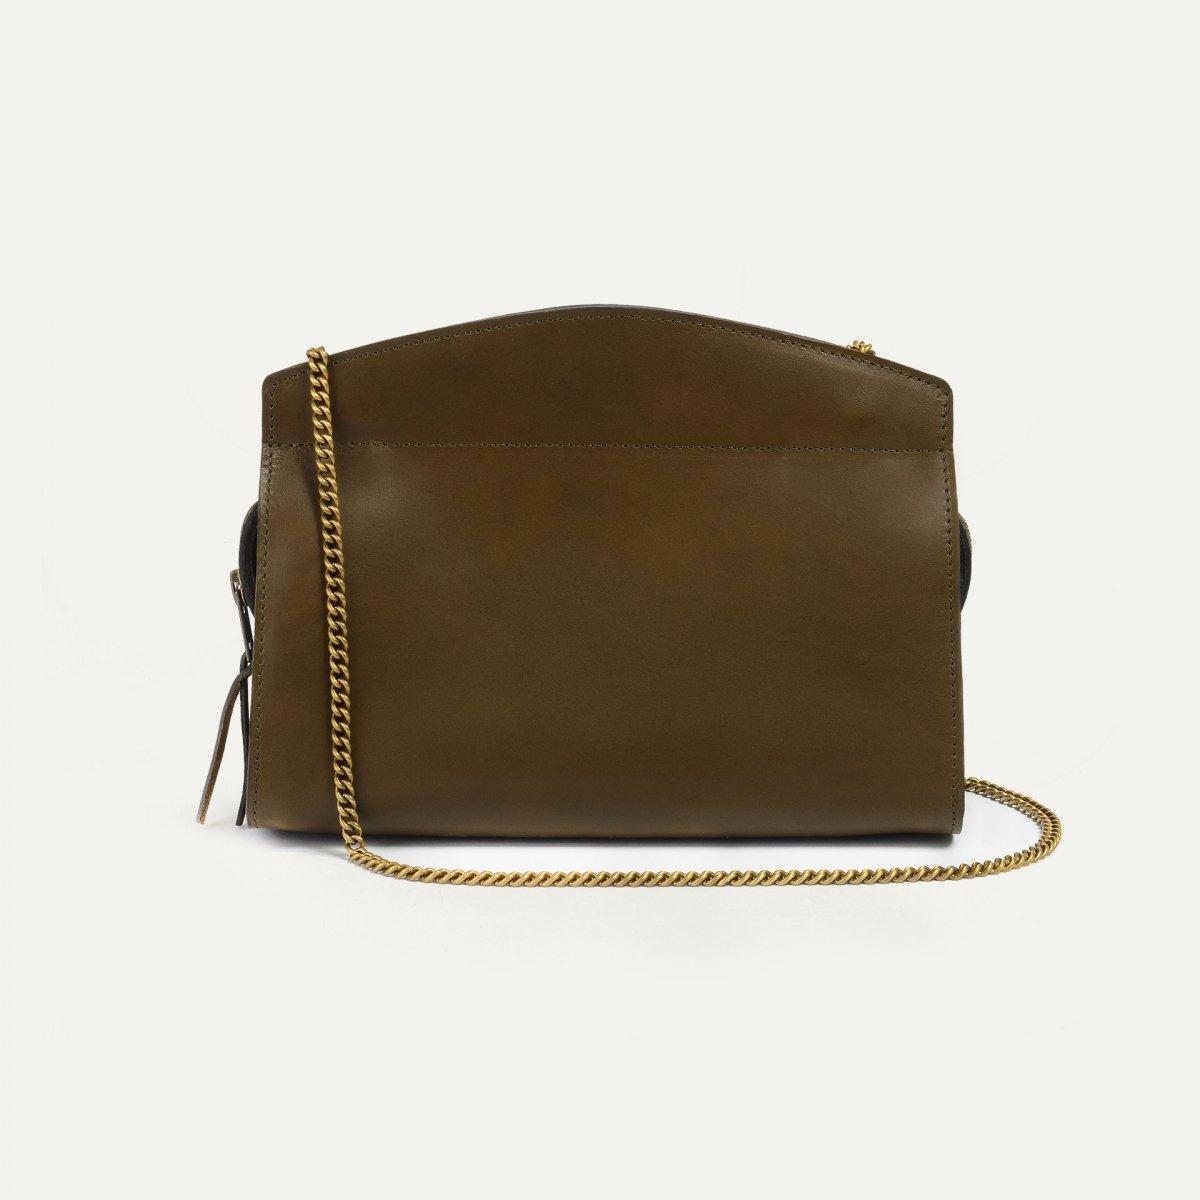 Origami S Zipped clutch bag - Khaki (image n°3)